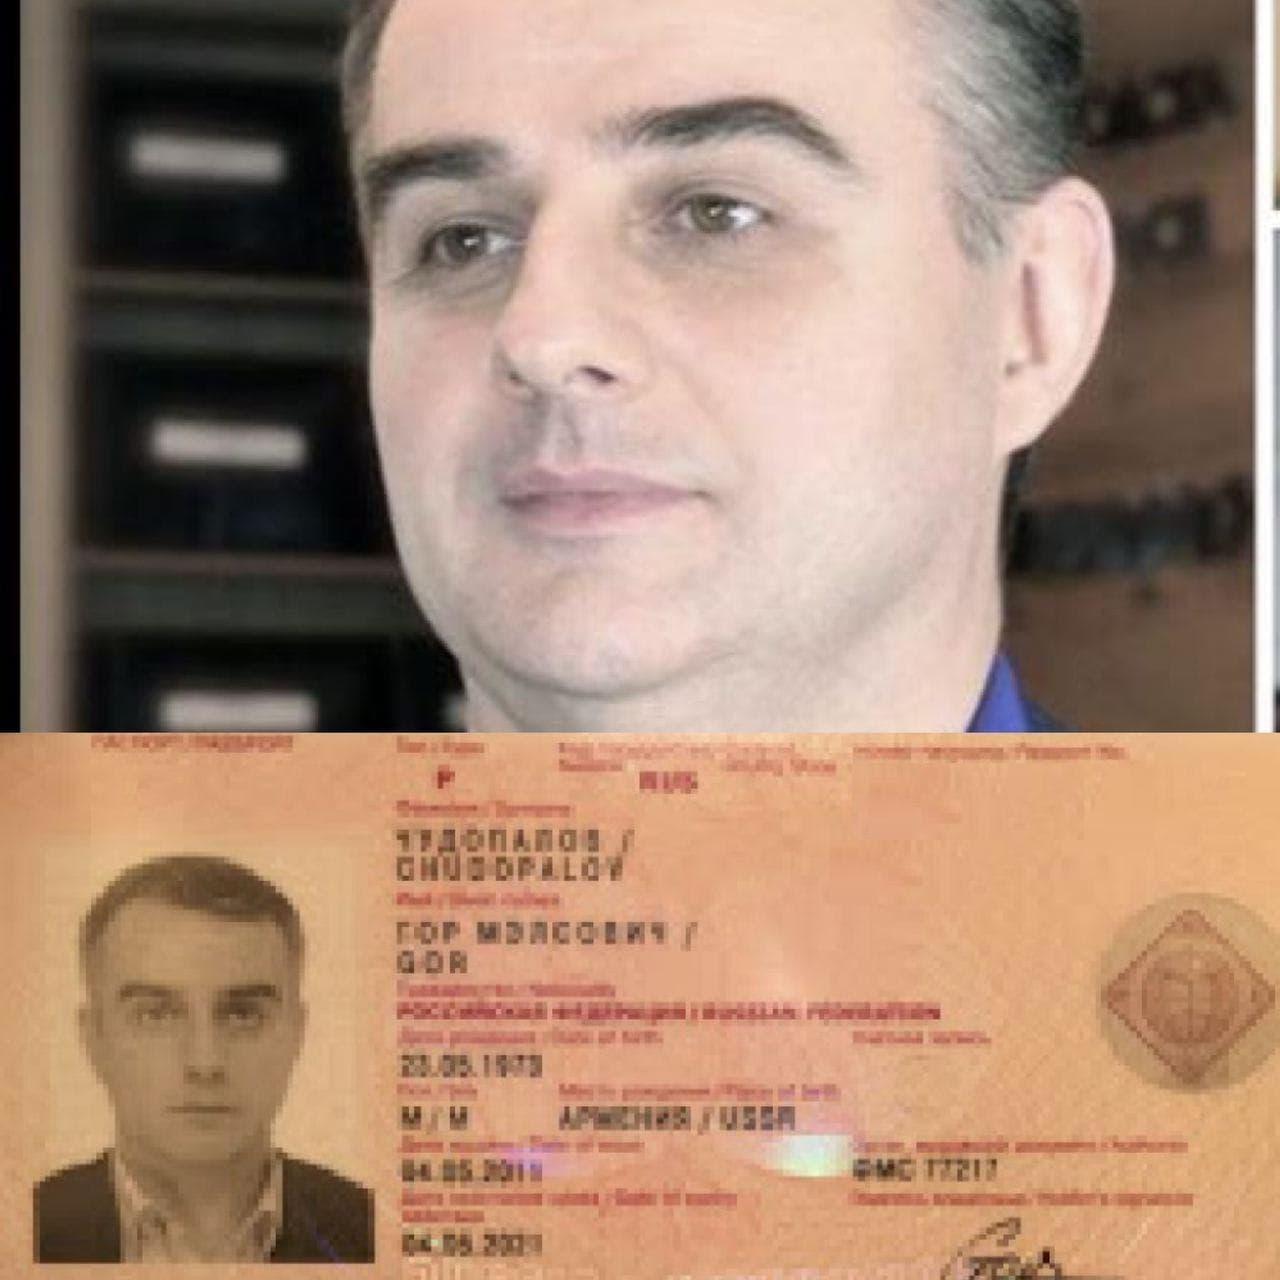 Гор Мэлсович Чудопалов, решальщик ФСБ